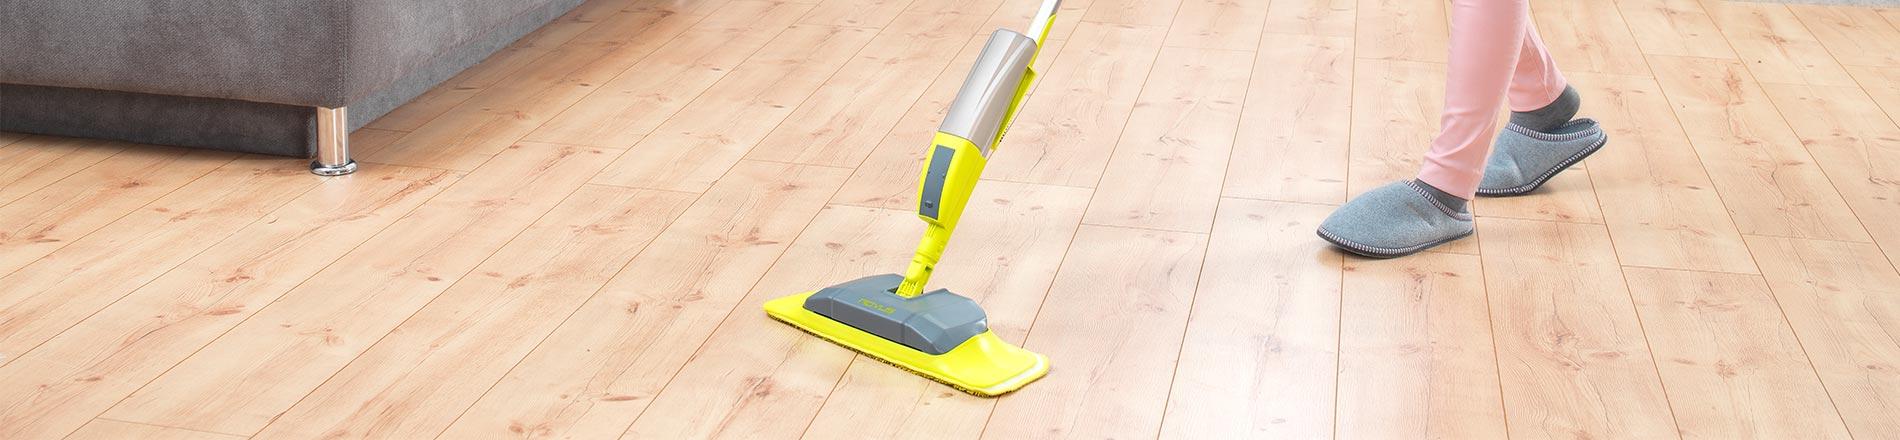 Metle i čistači za podove